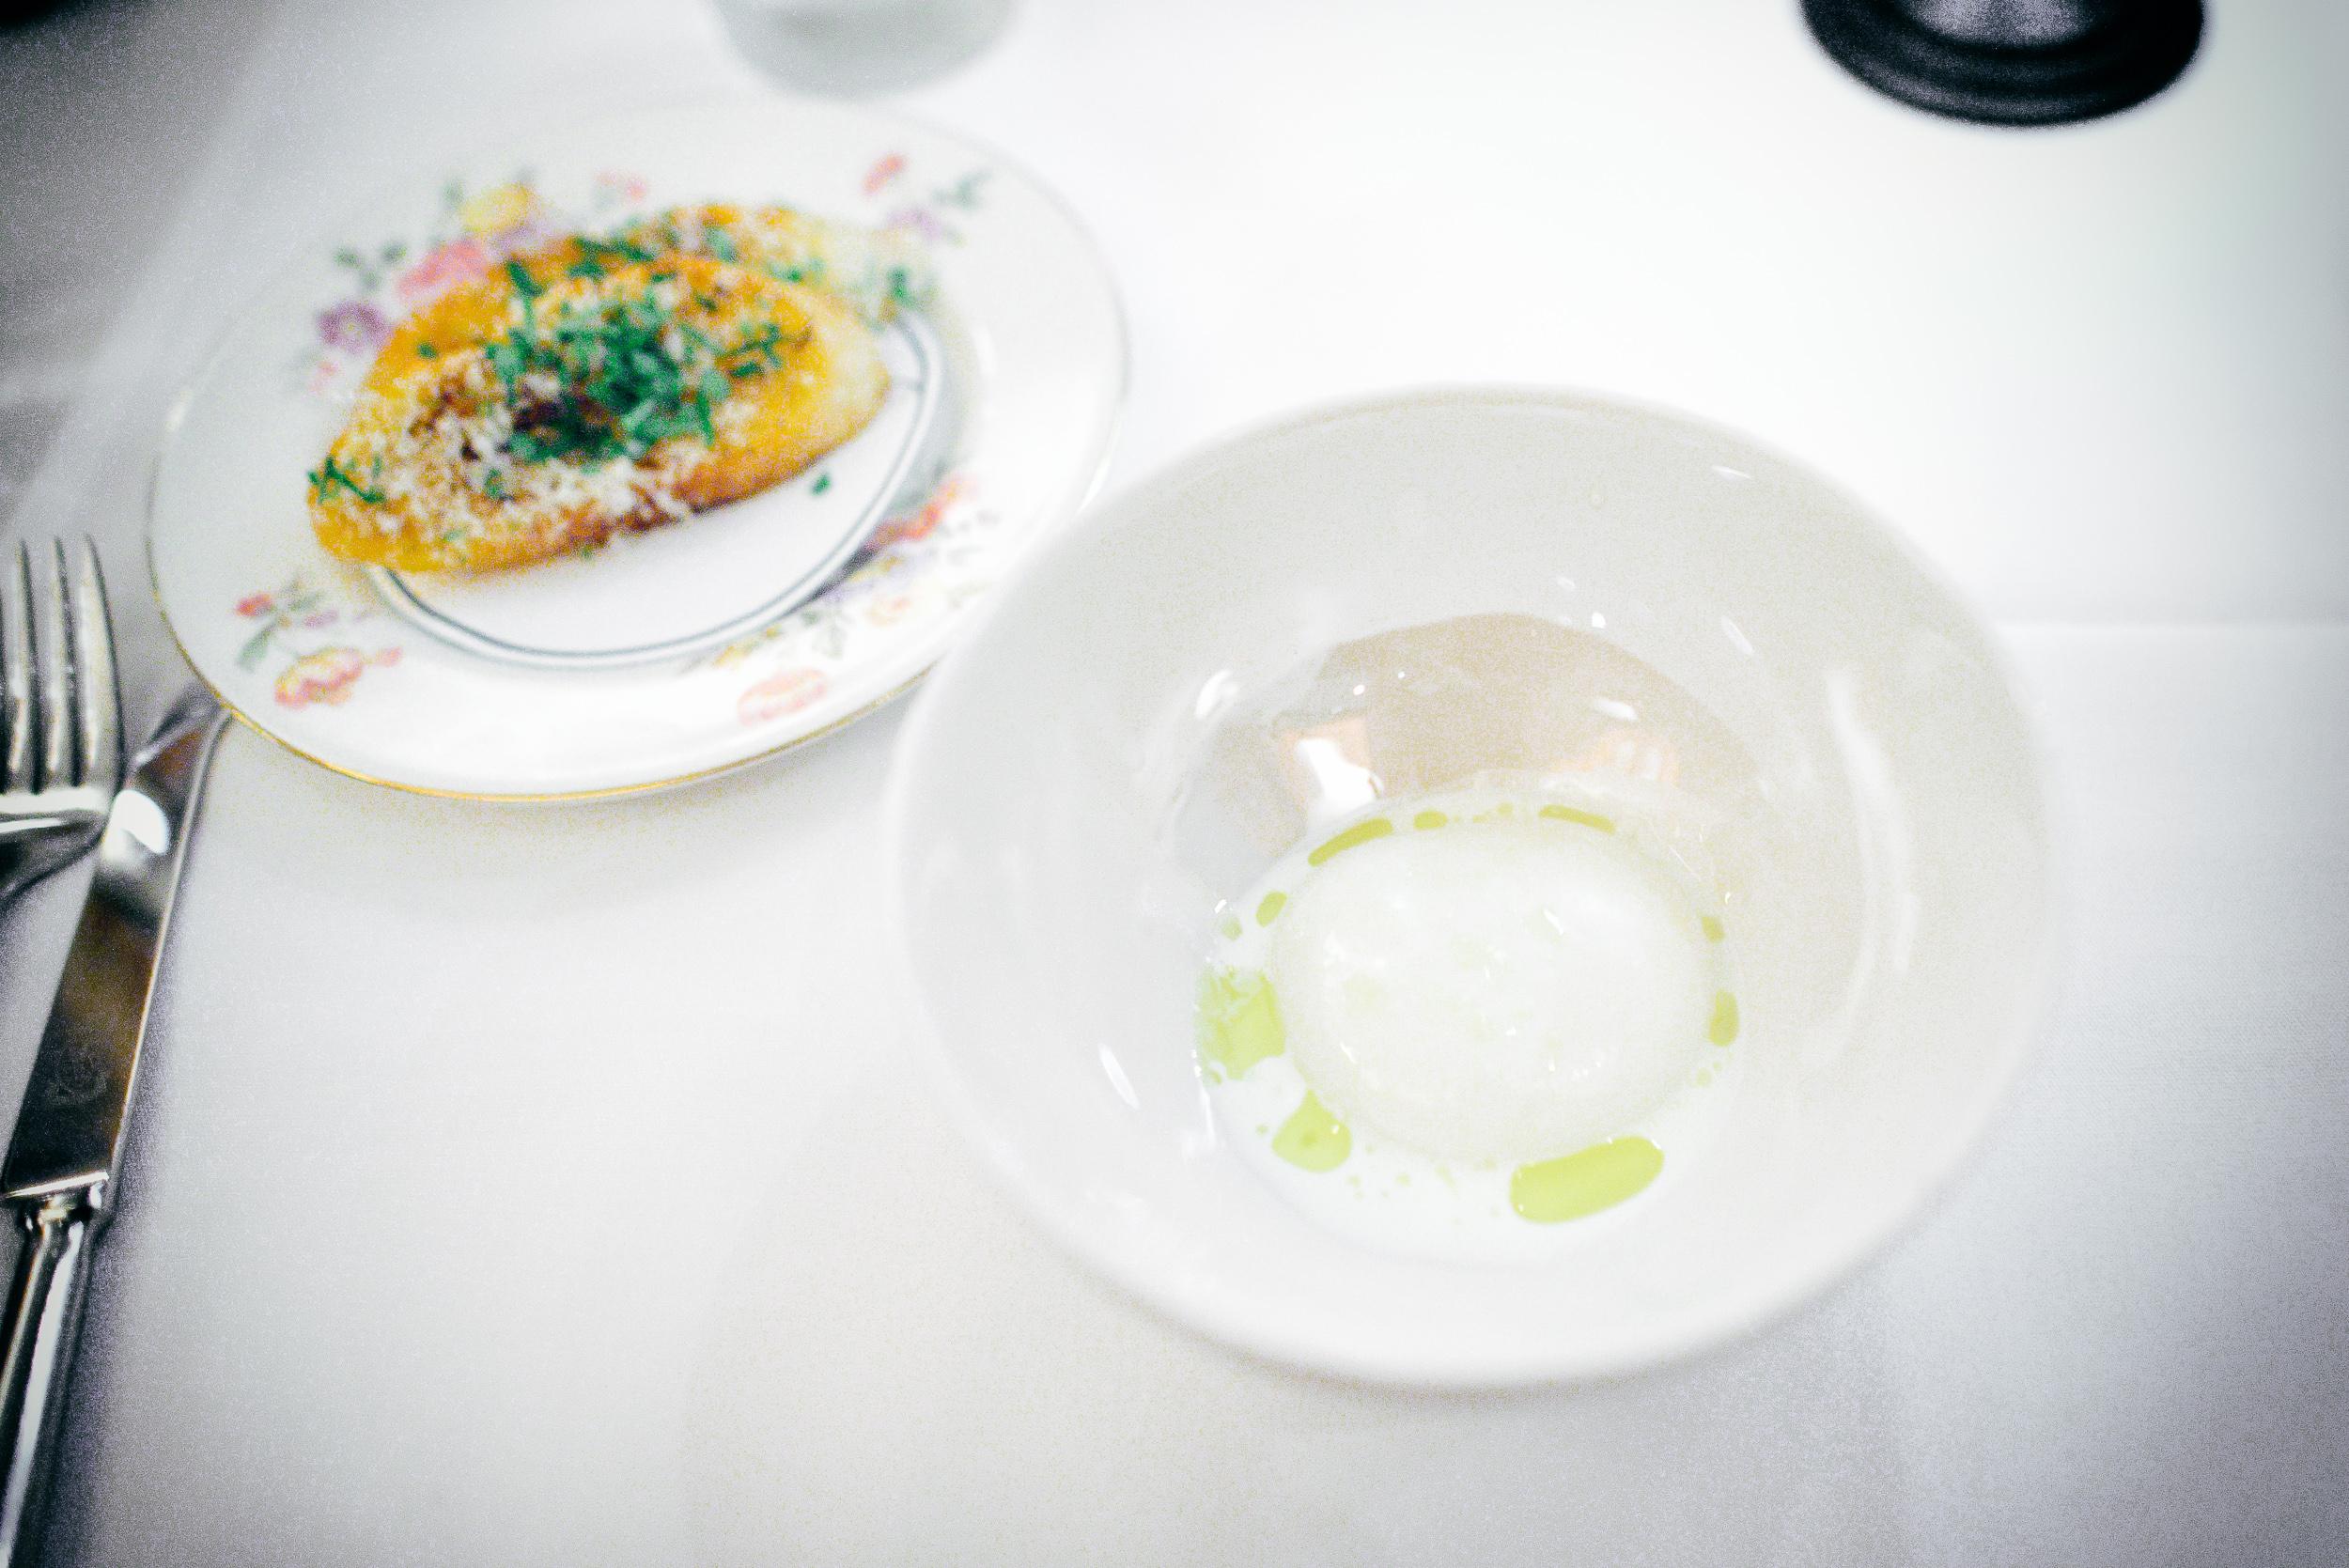 1st Course: Mozzarella with davero olive oil